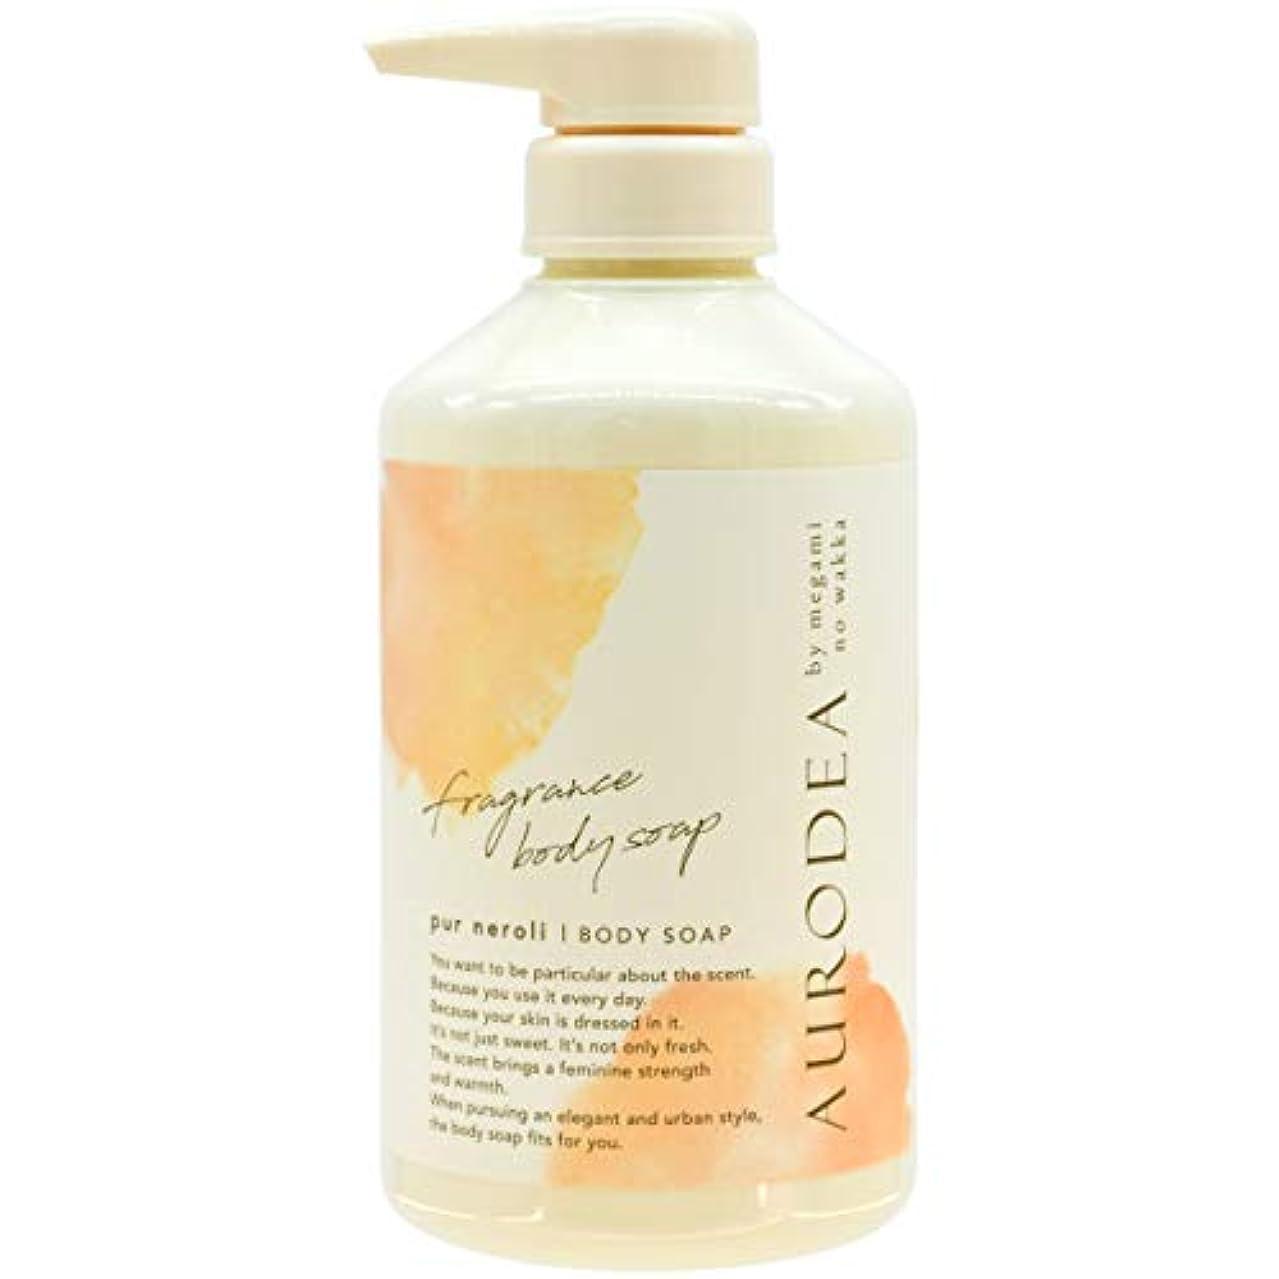 信念買い手迅速AURODEA (アウロディア) フレグランス ボディソープ ピュールネロリの香り [ 植物由来 敏感肌 ] 480ml せっけんベース 4種の ビタミン by megami no wakka